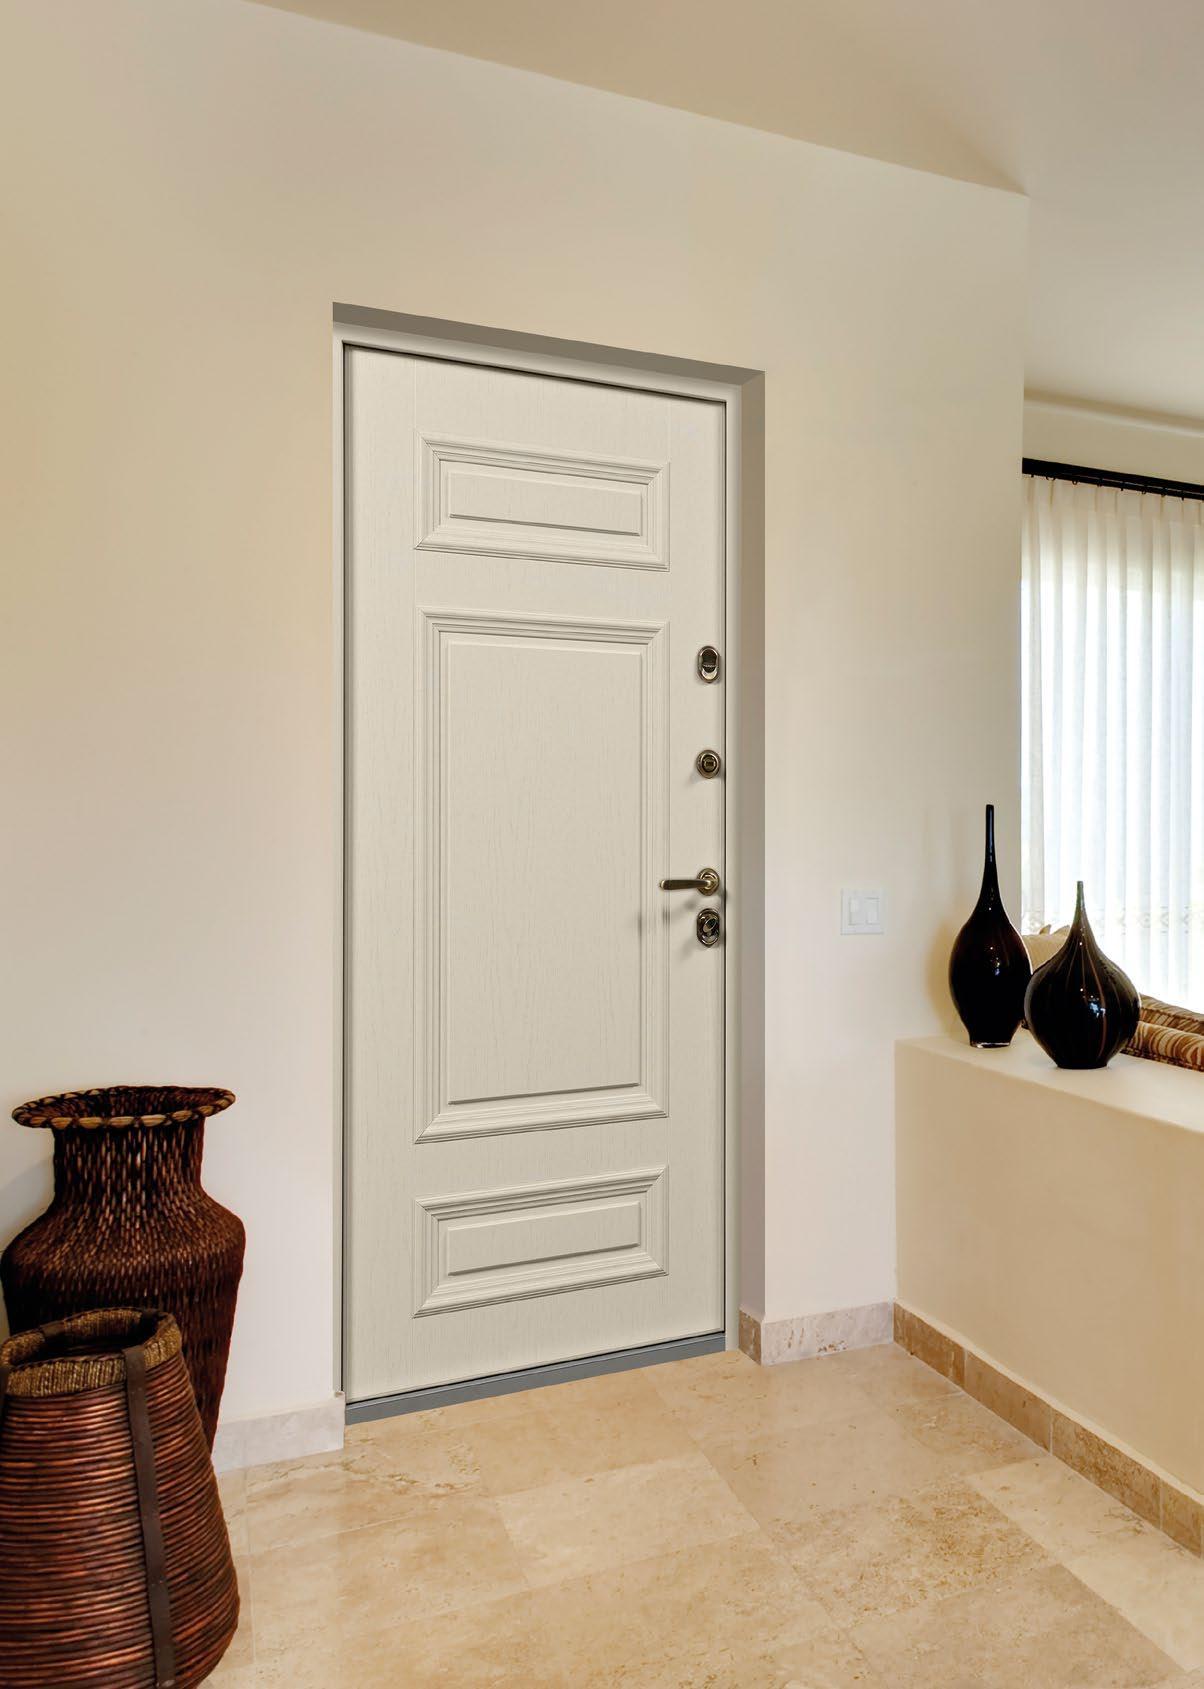 Метка: Византия 4 ПО -двери в интерьере | 1689x1204